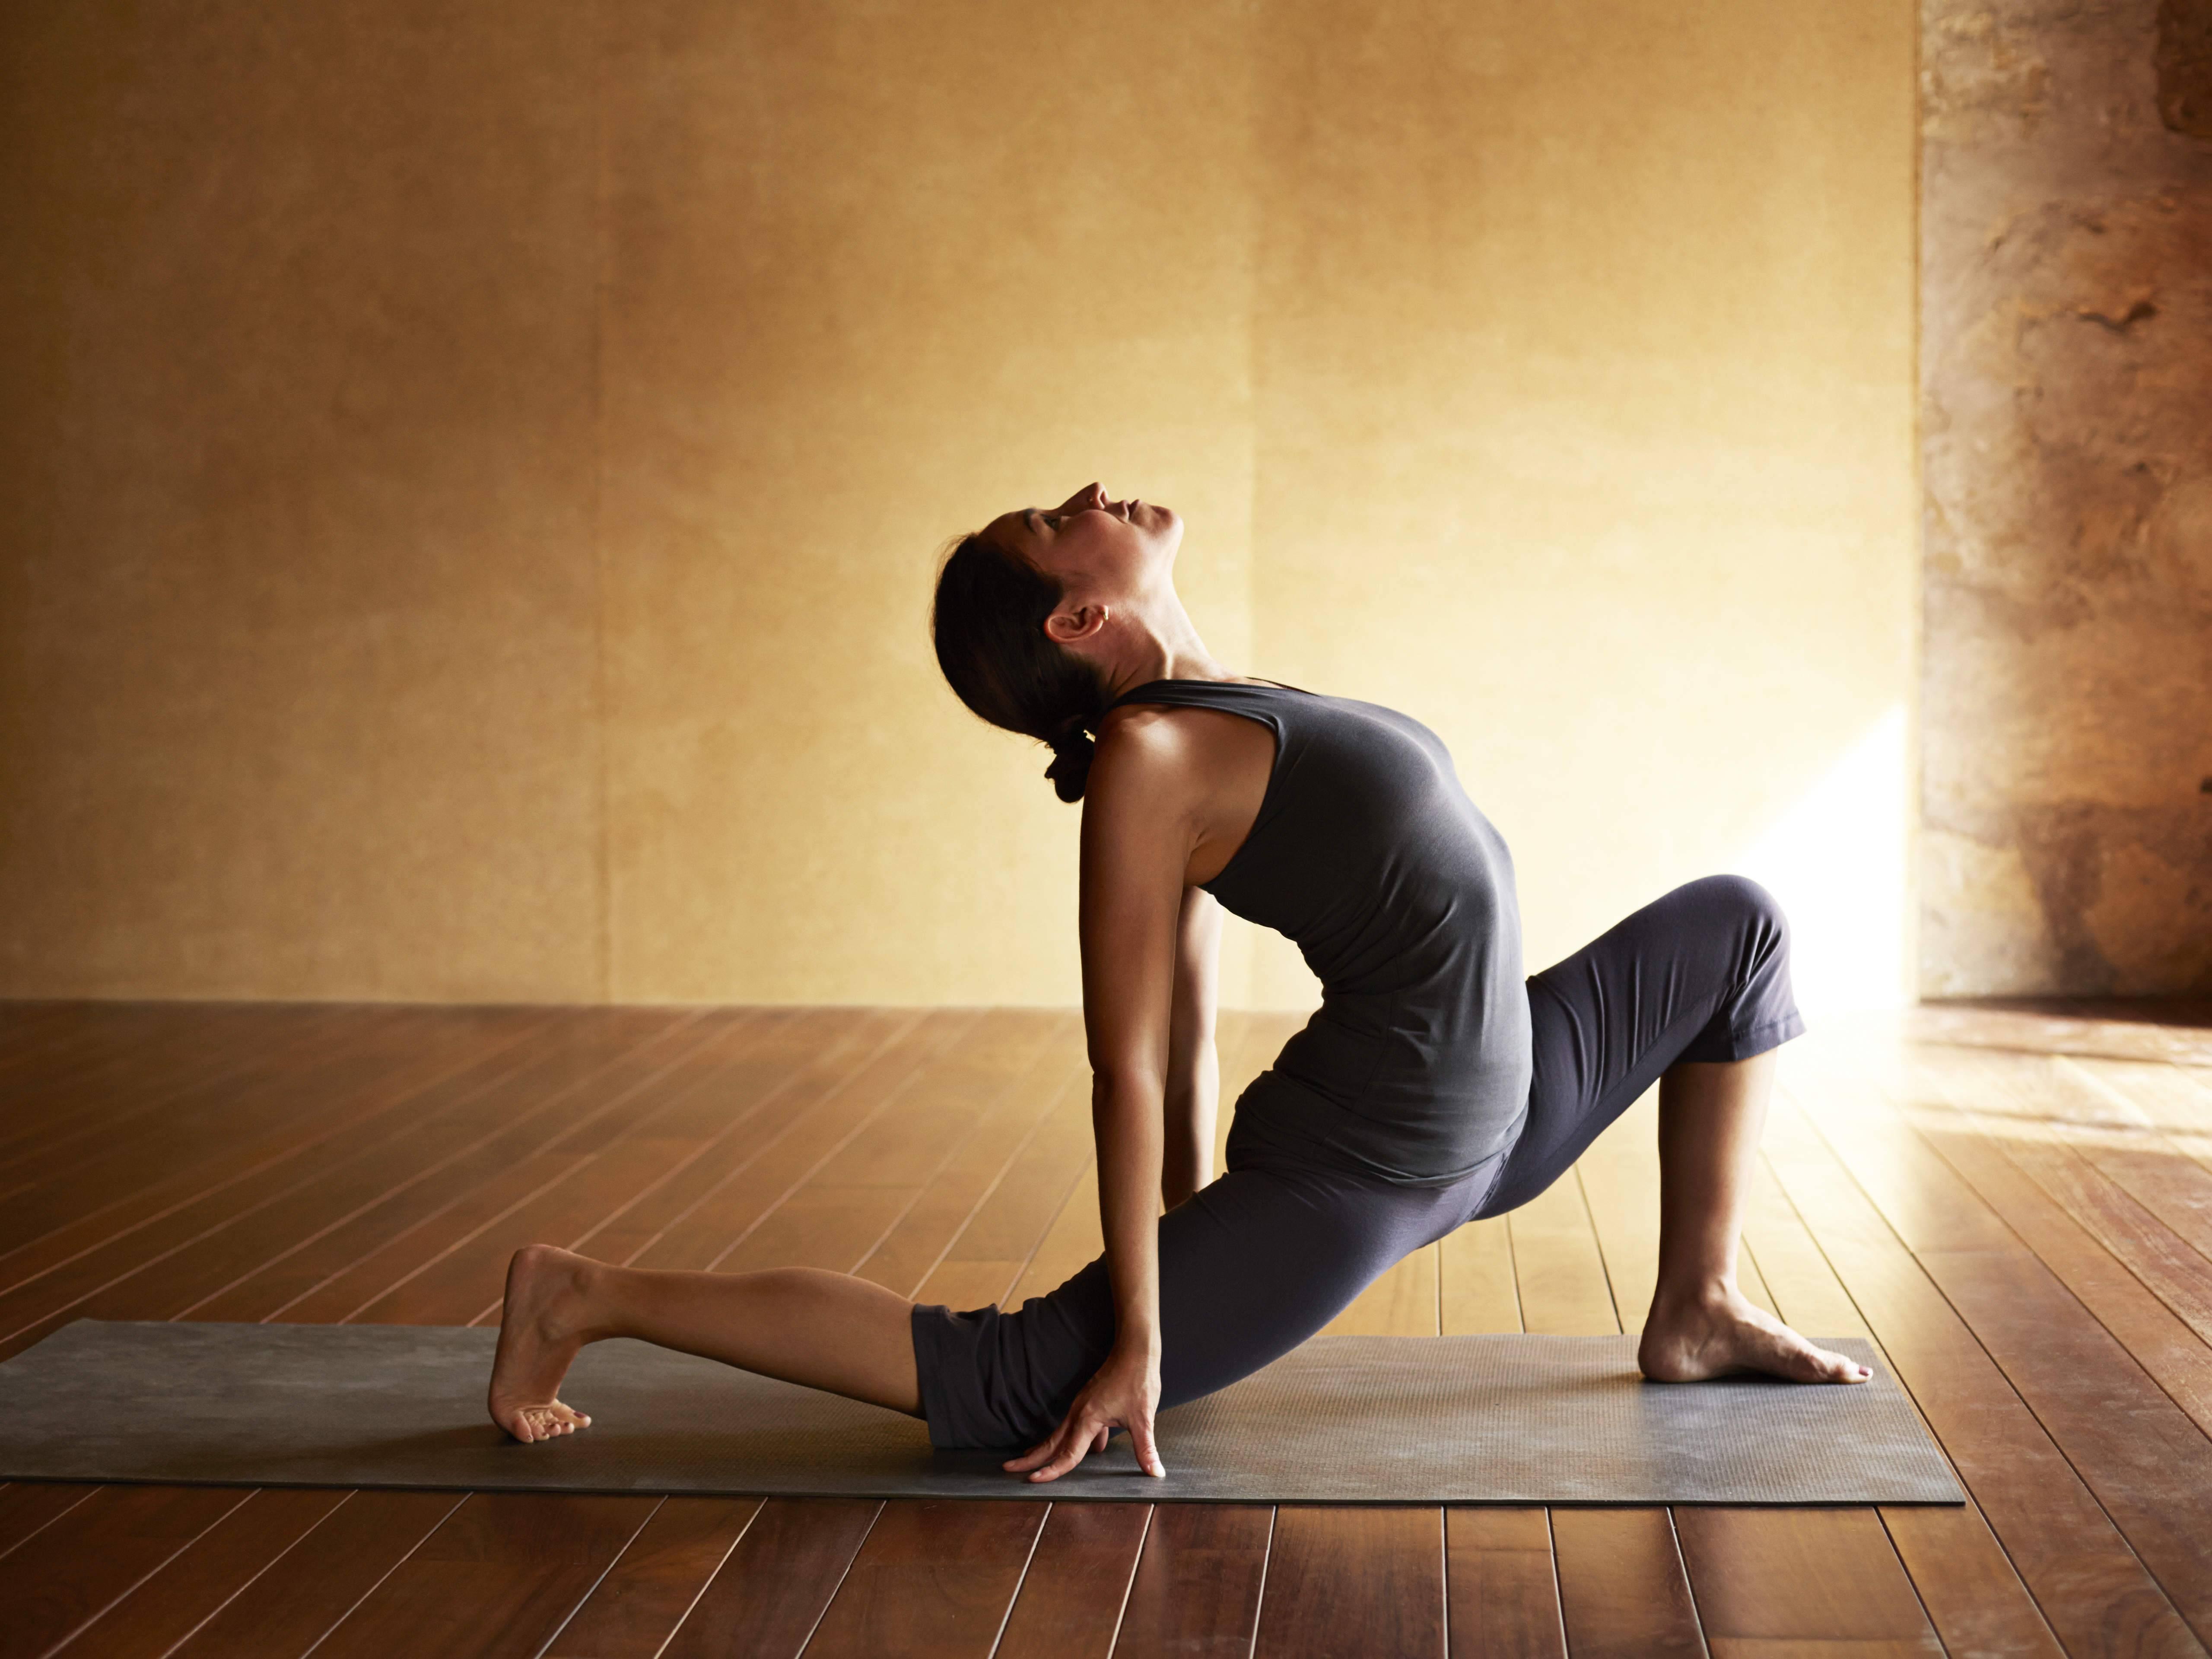 Силовая йога и польза данного фитнес направления для мужчин и женщин